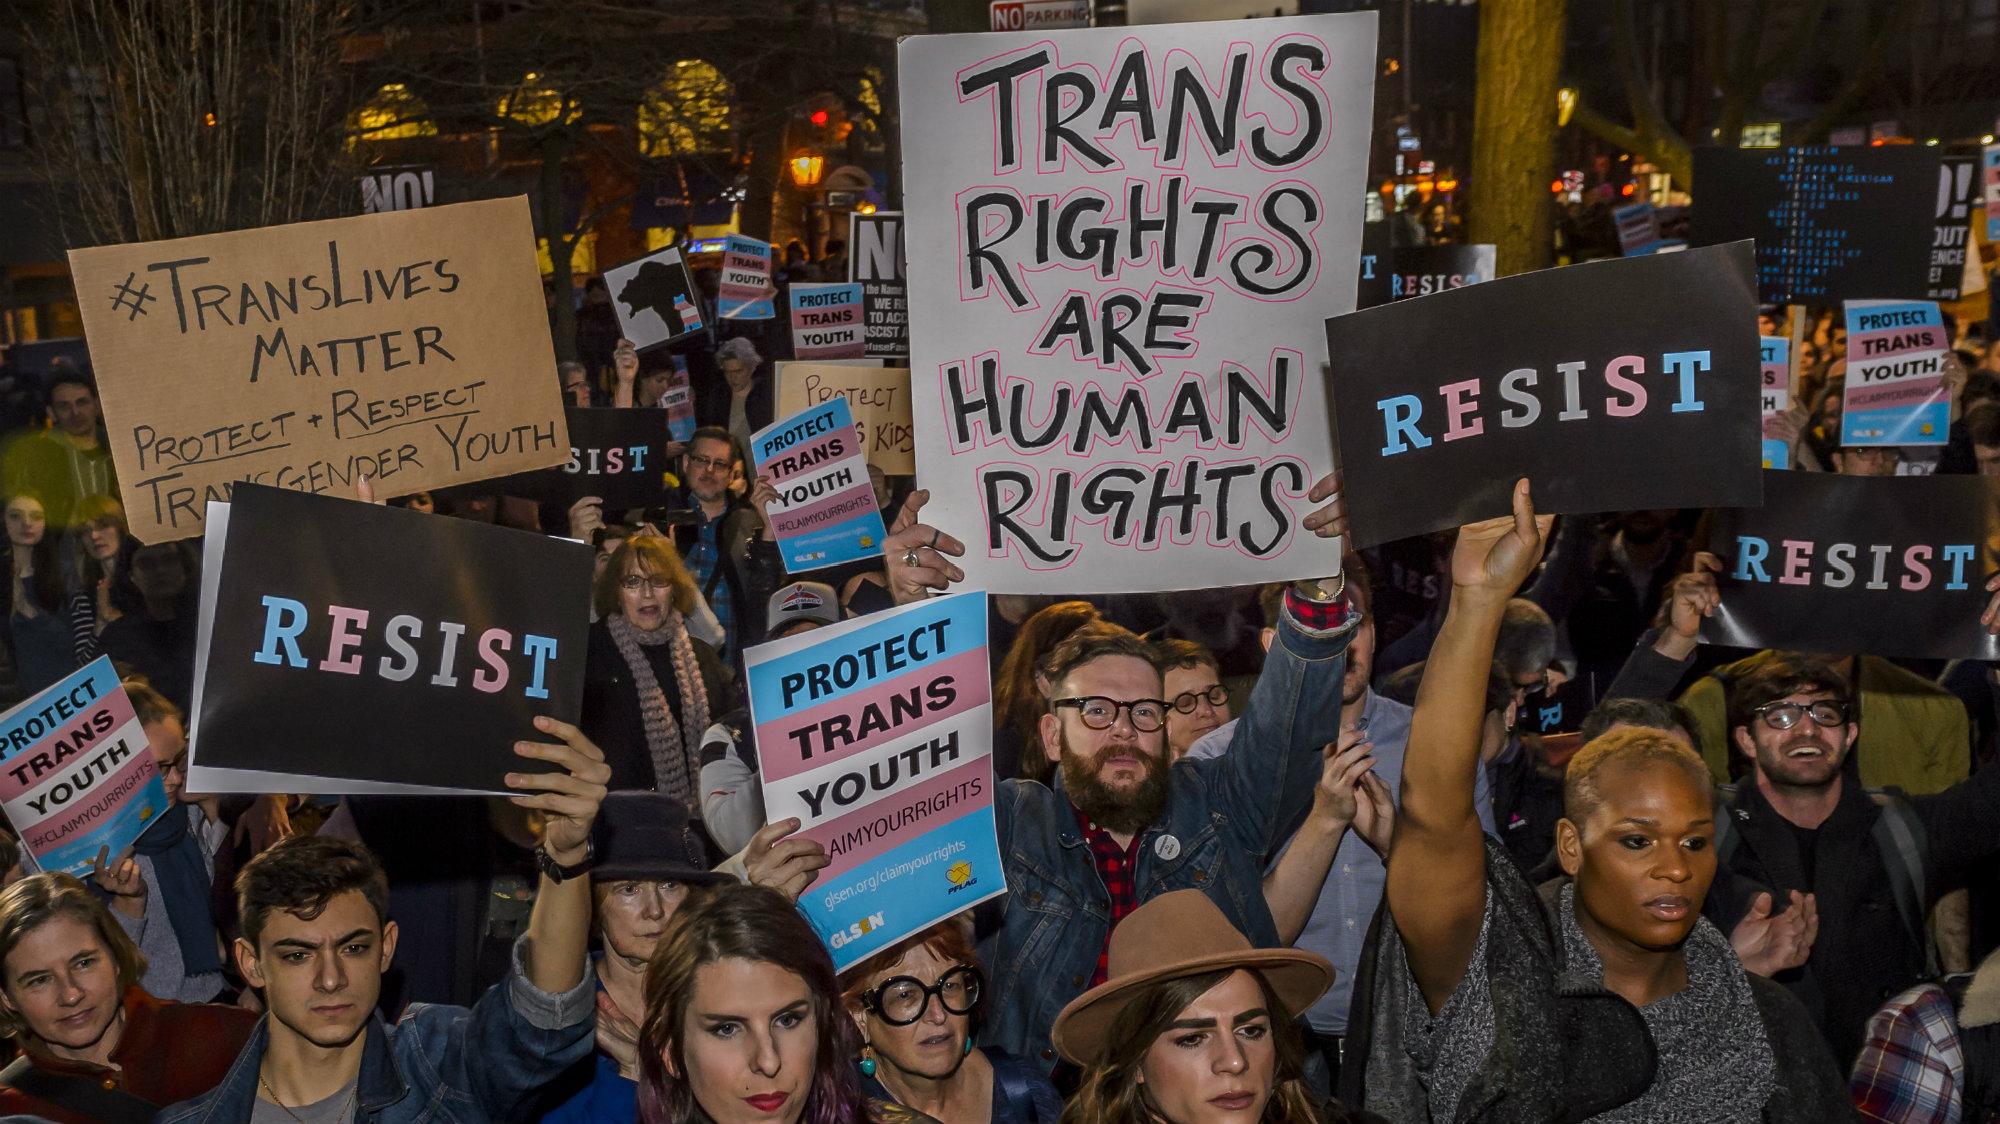 トランスジェンダー米軍入隊禁止デモの写真にあのドラァグクィーンの姿が!